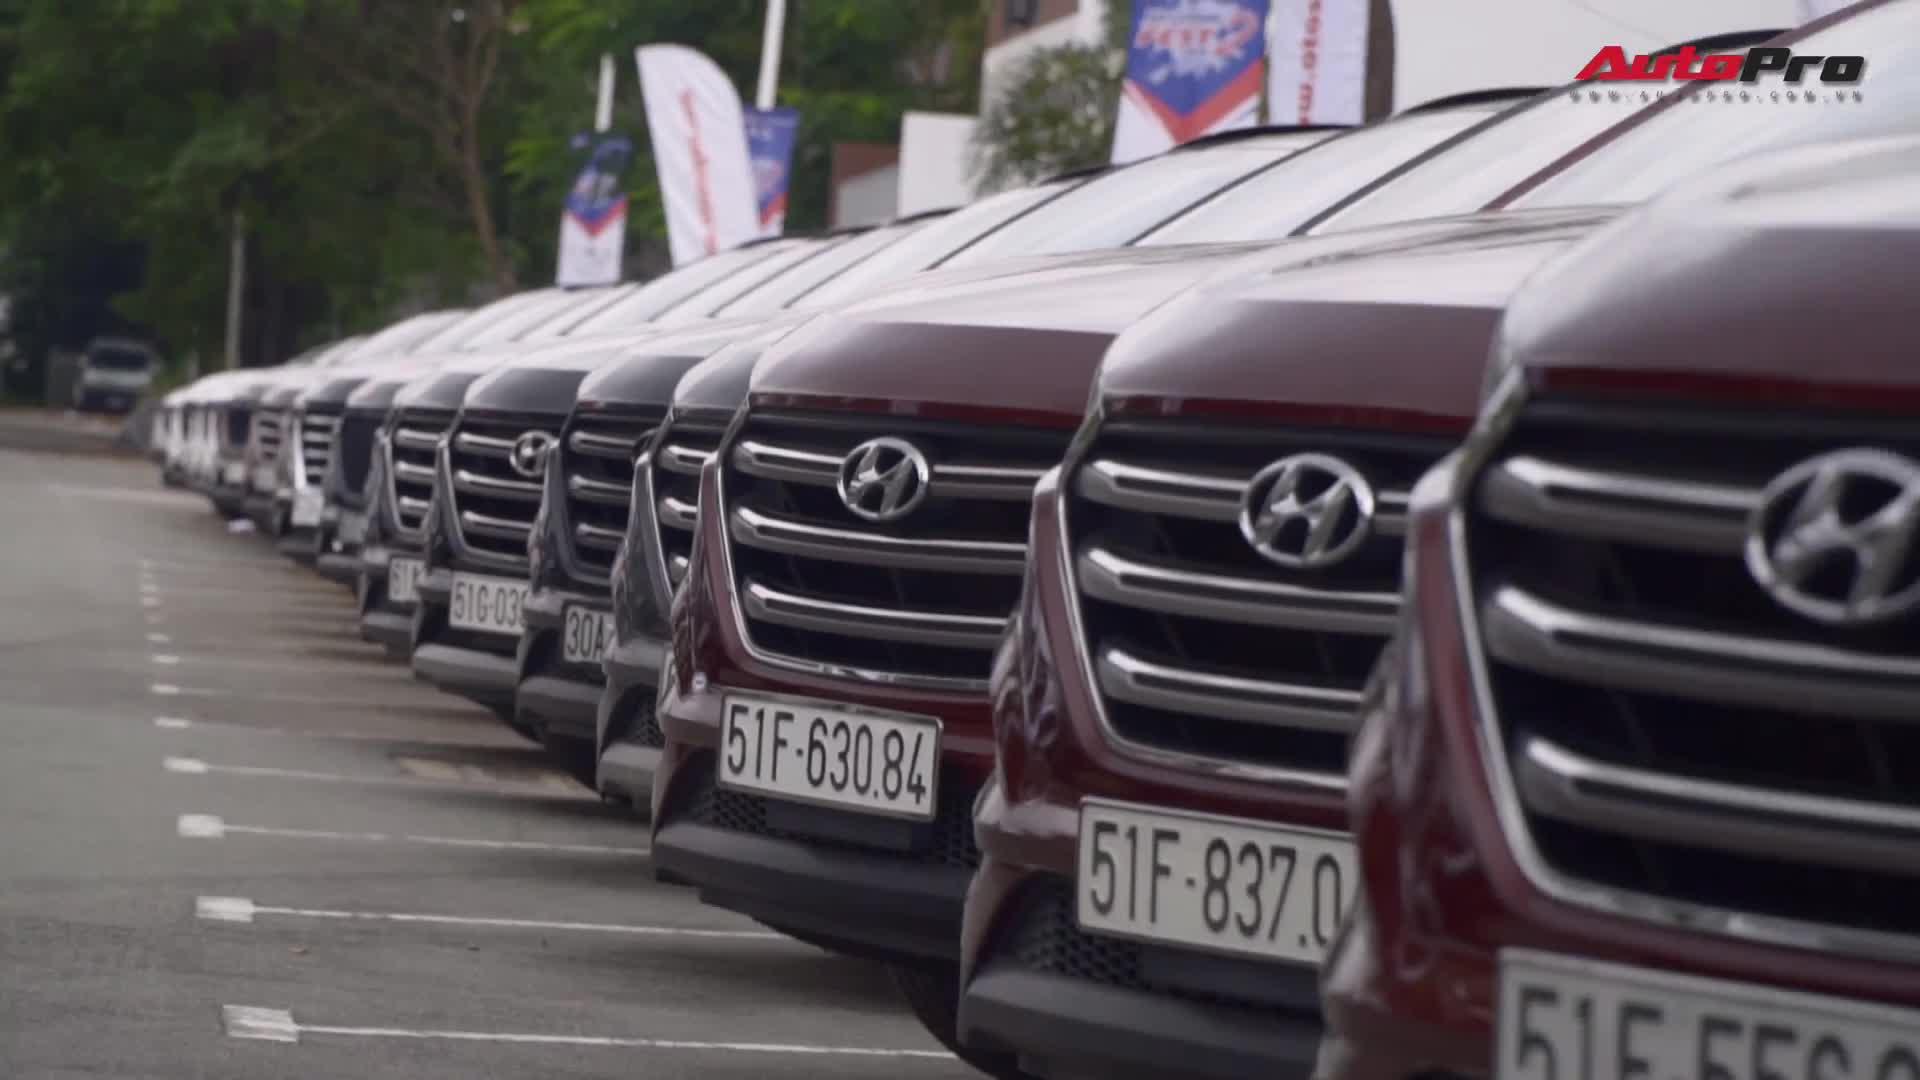 Hơn 100 xe Hyundai khuấy động Sài Gòn